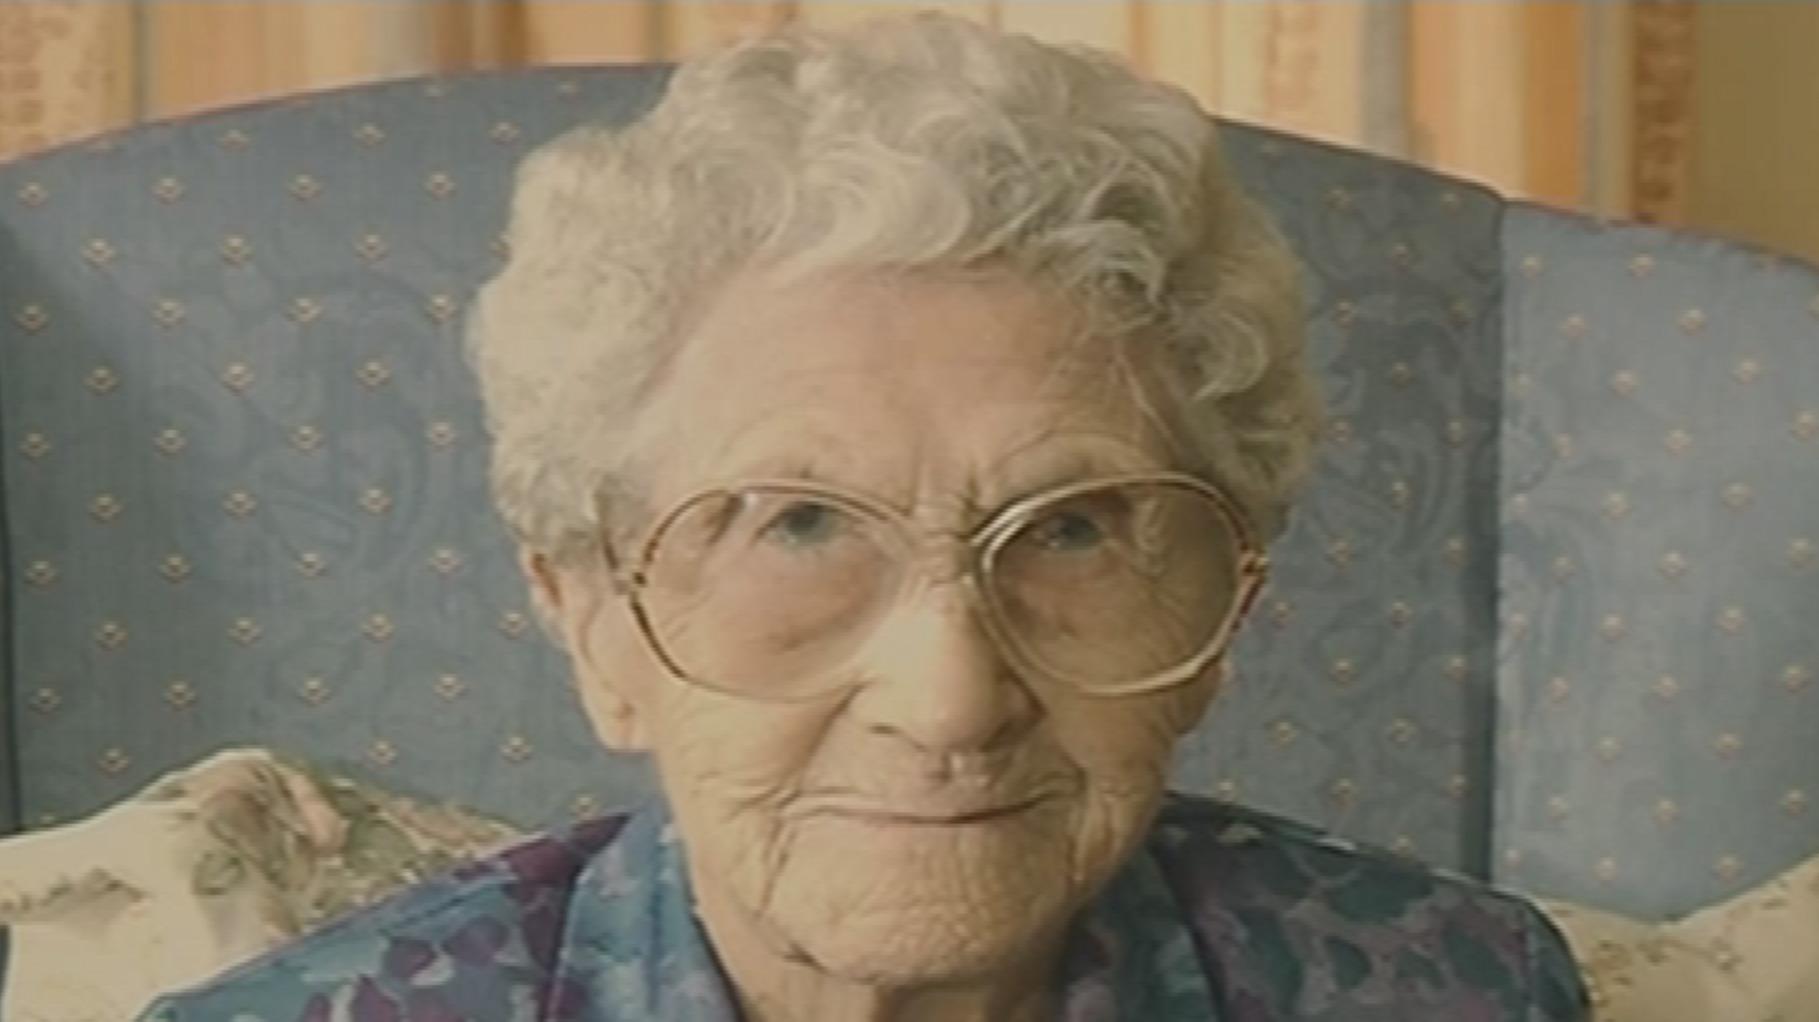 Oldest person in Britain dies, aged 114 - ITV News